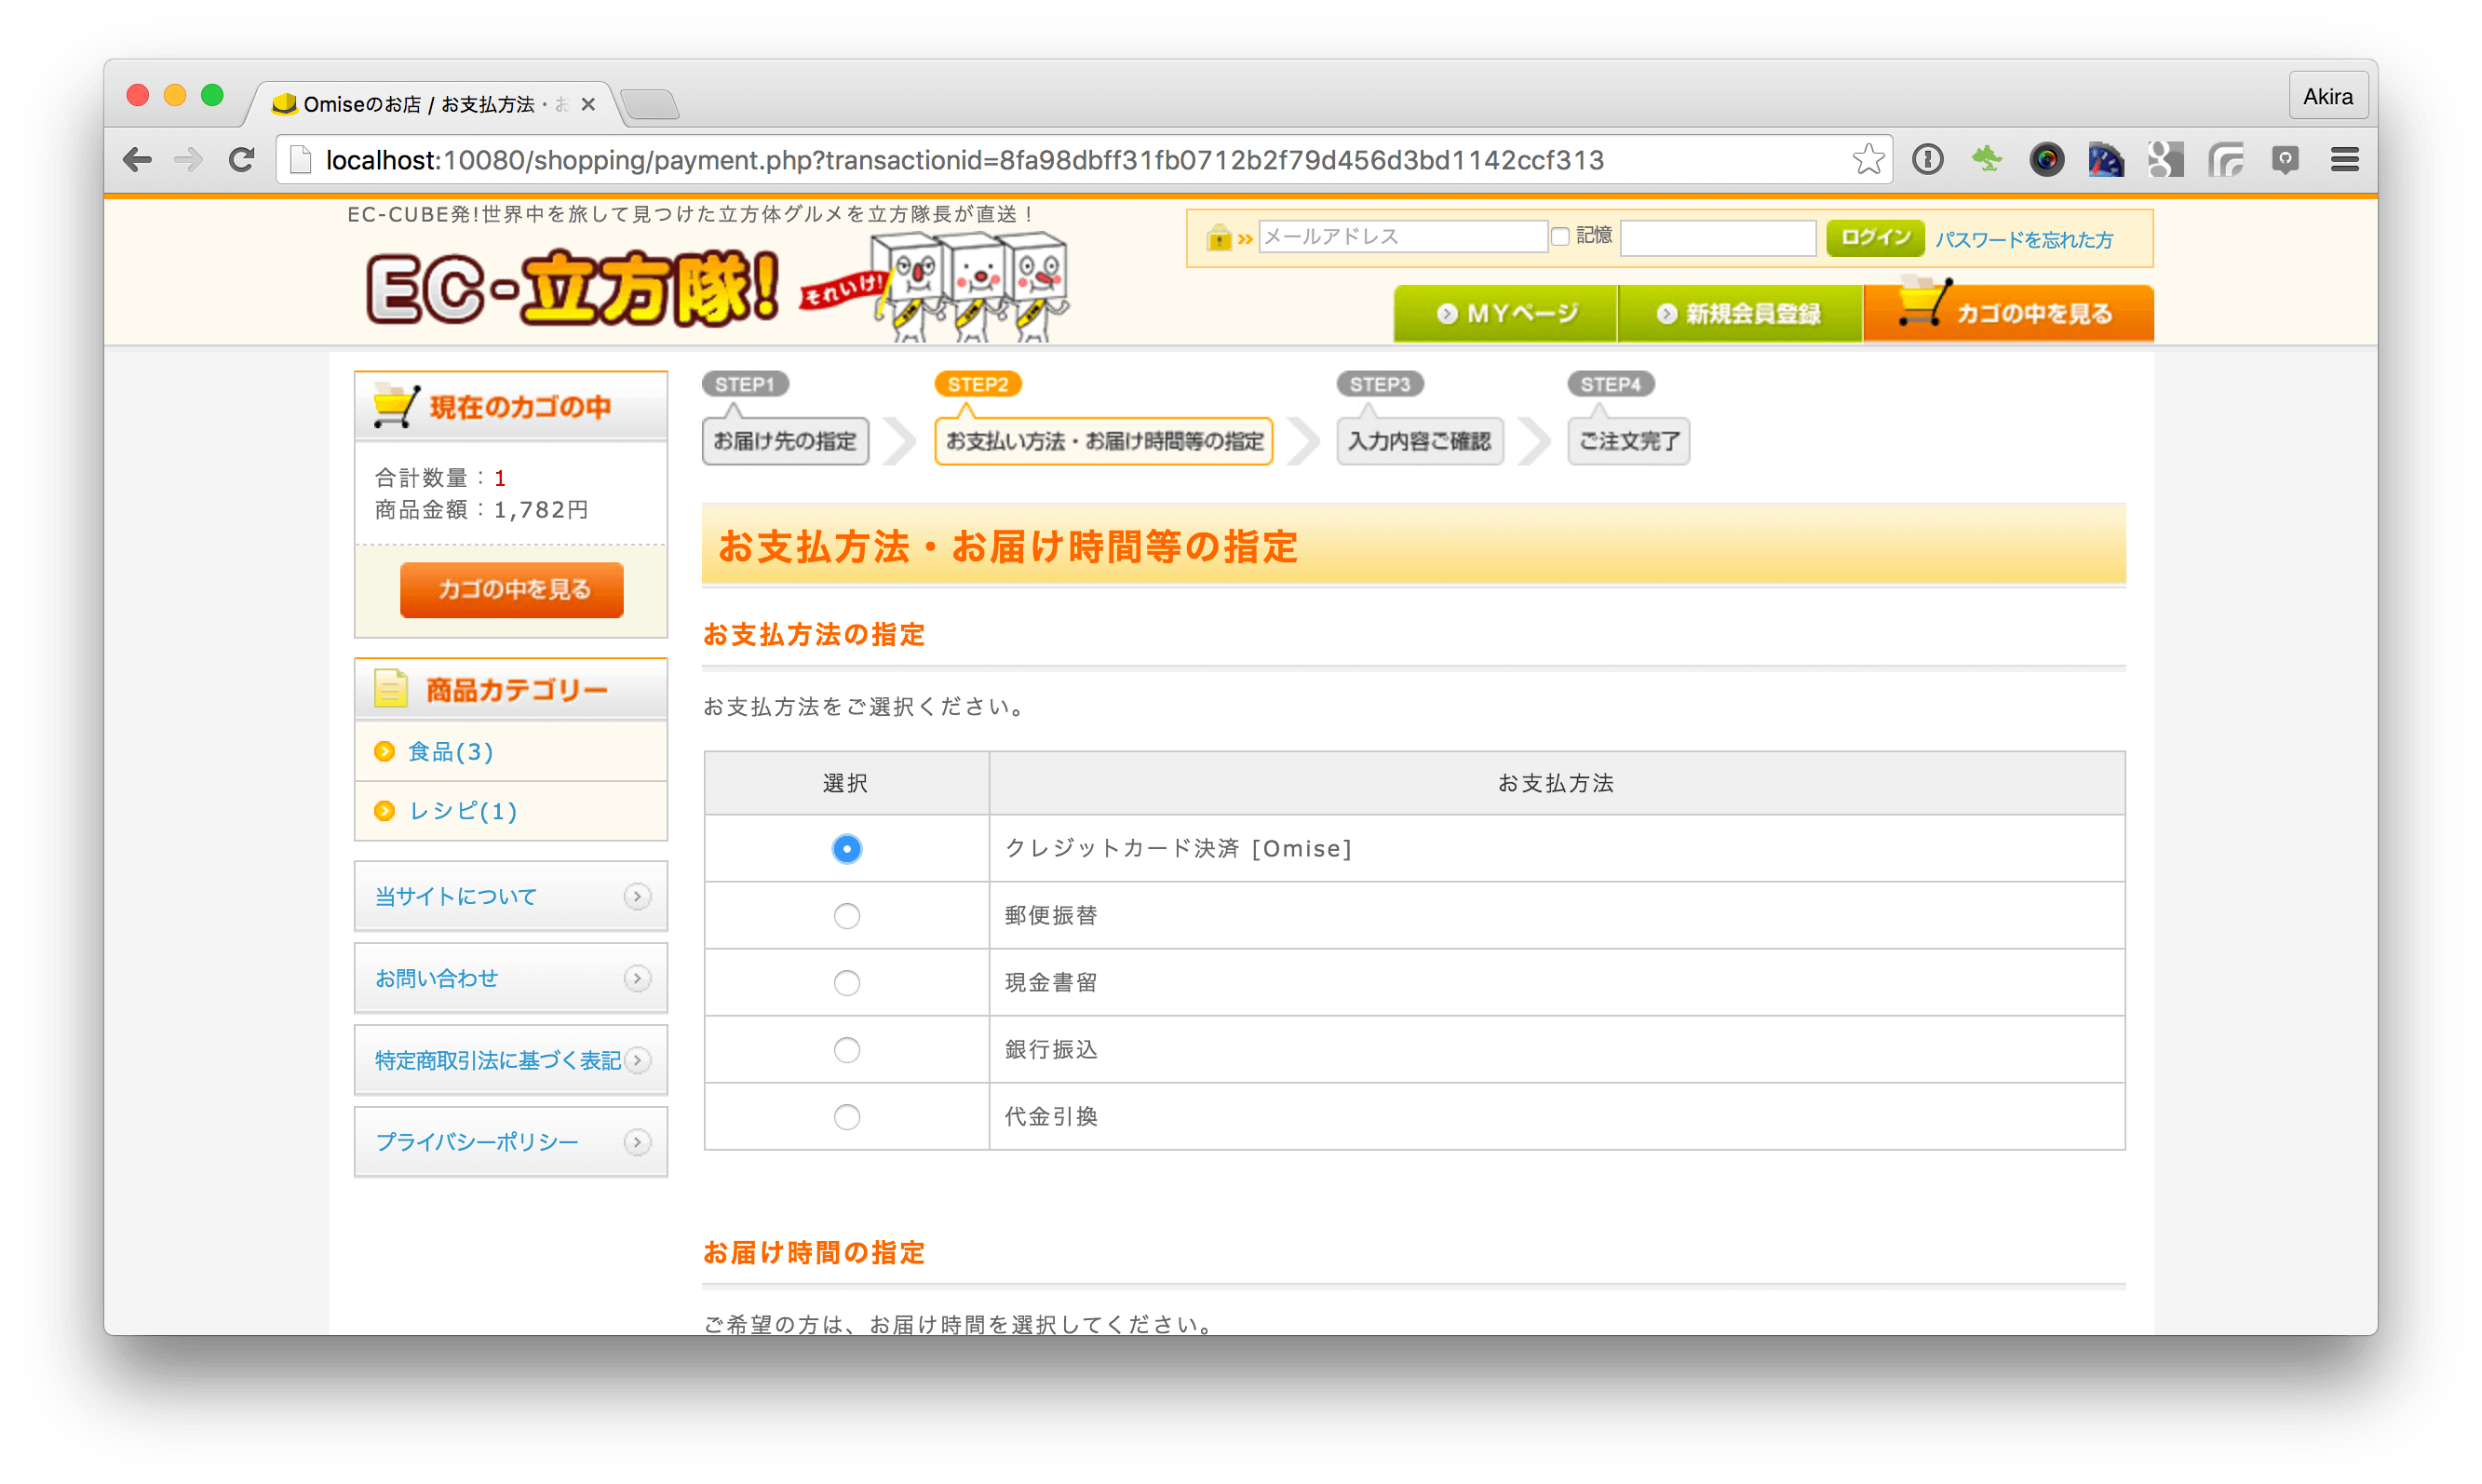 screen shot 2016-04-21 at 14 18 56